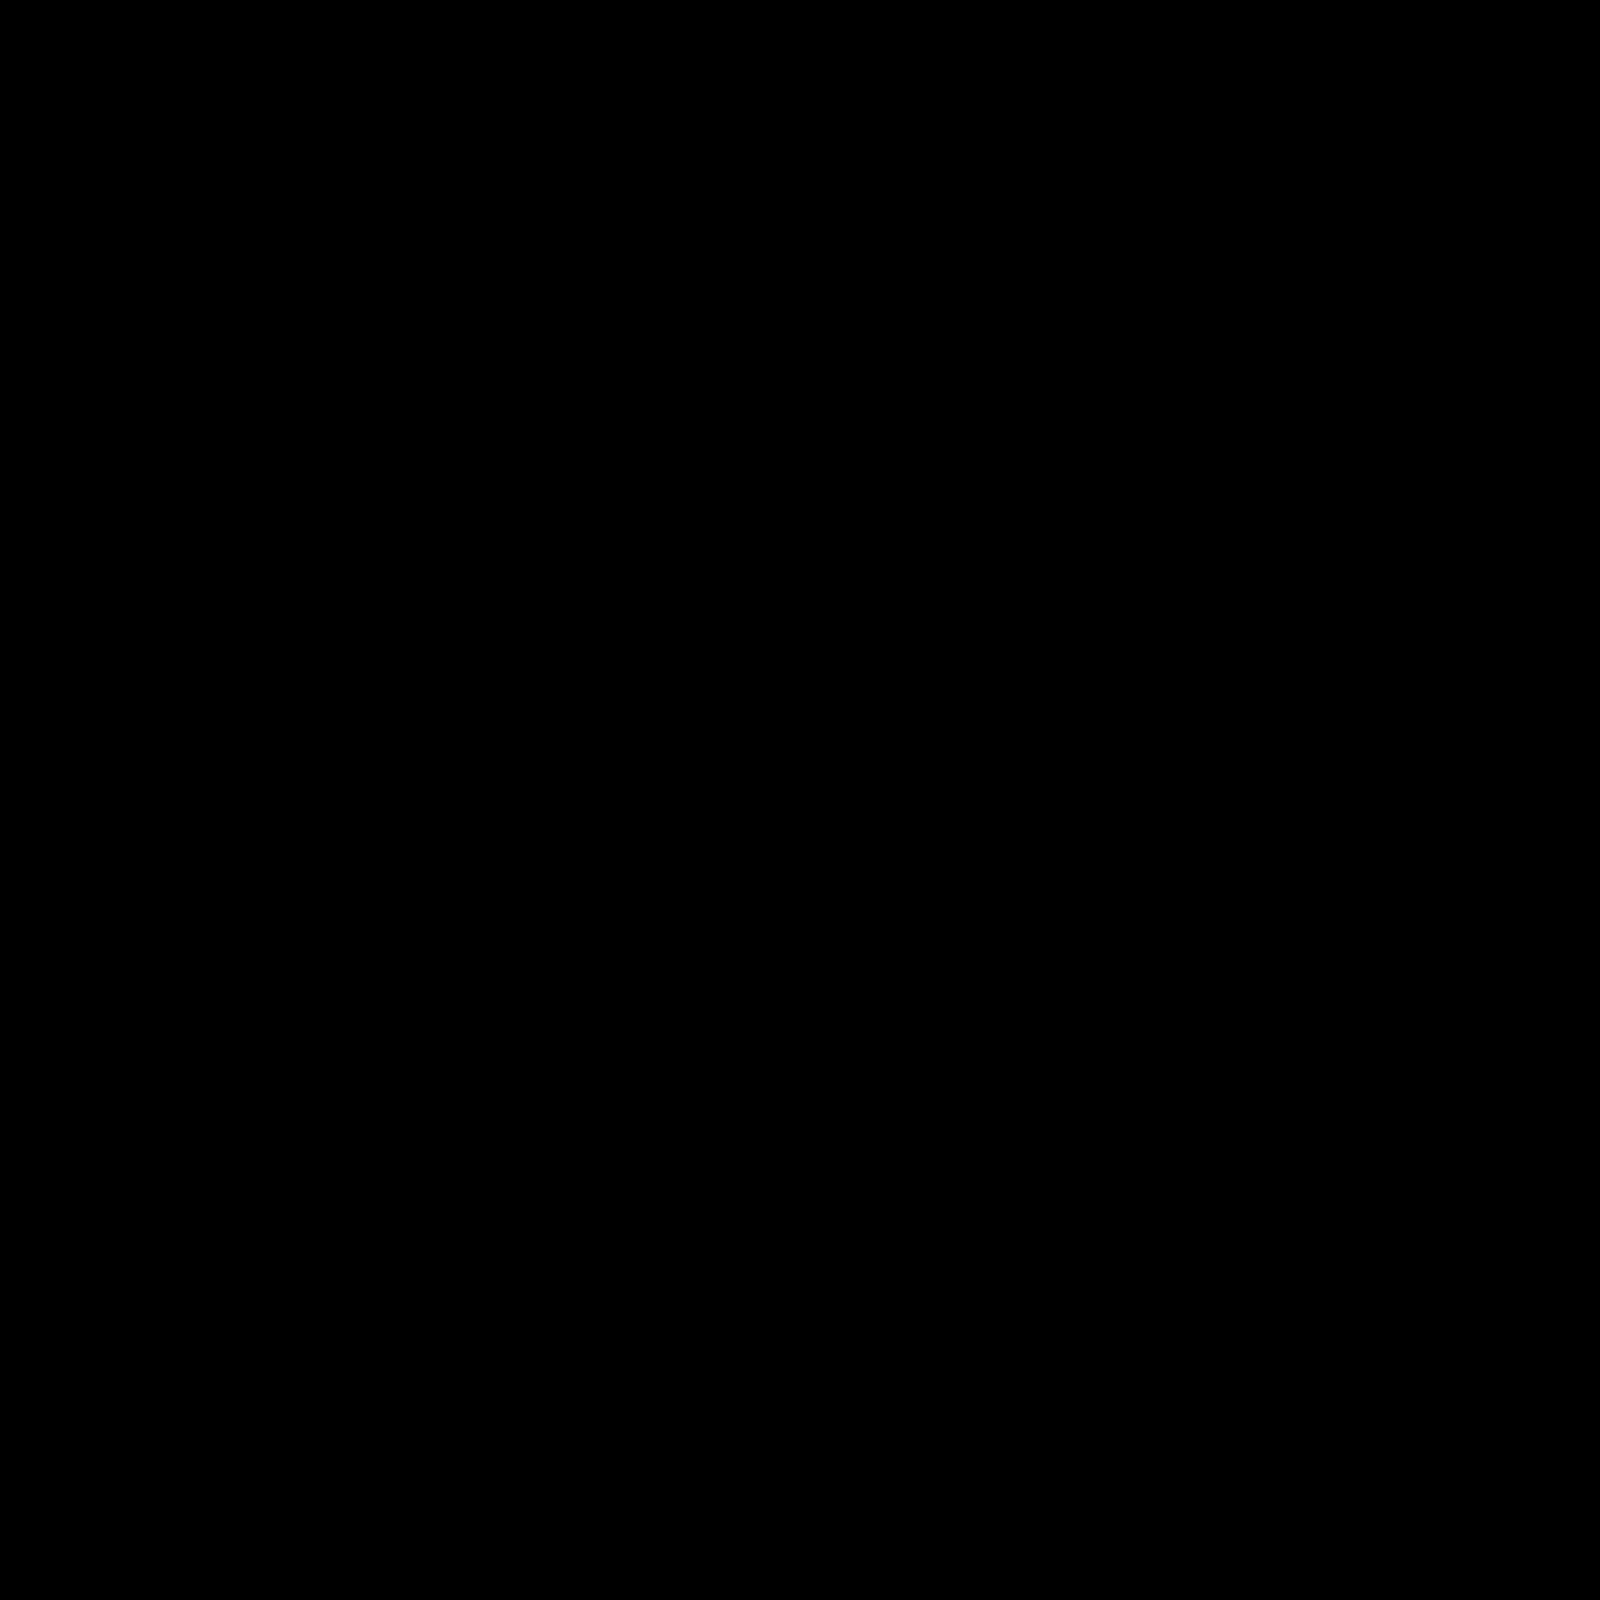 豪ドル icon. There is a seven-pointed star shape starting with a point at the top, and with three points evenly down each side. and in the center of it is a money symbol. The lines of the symbol are black and there are no other colors.